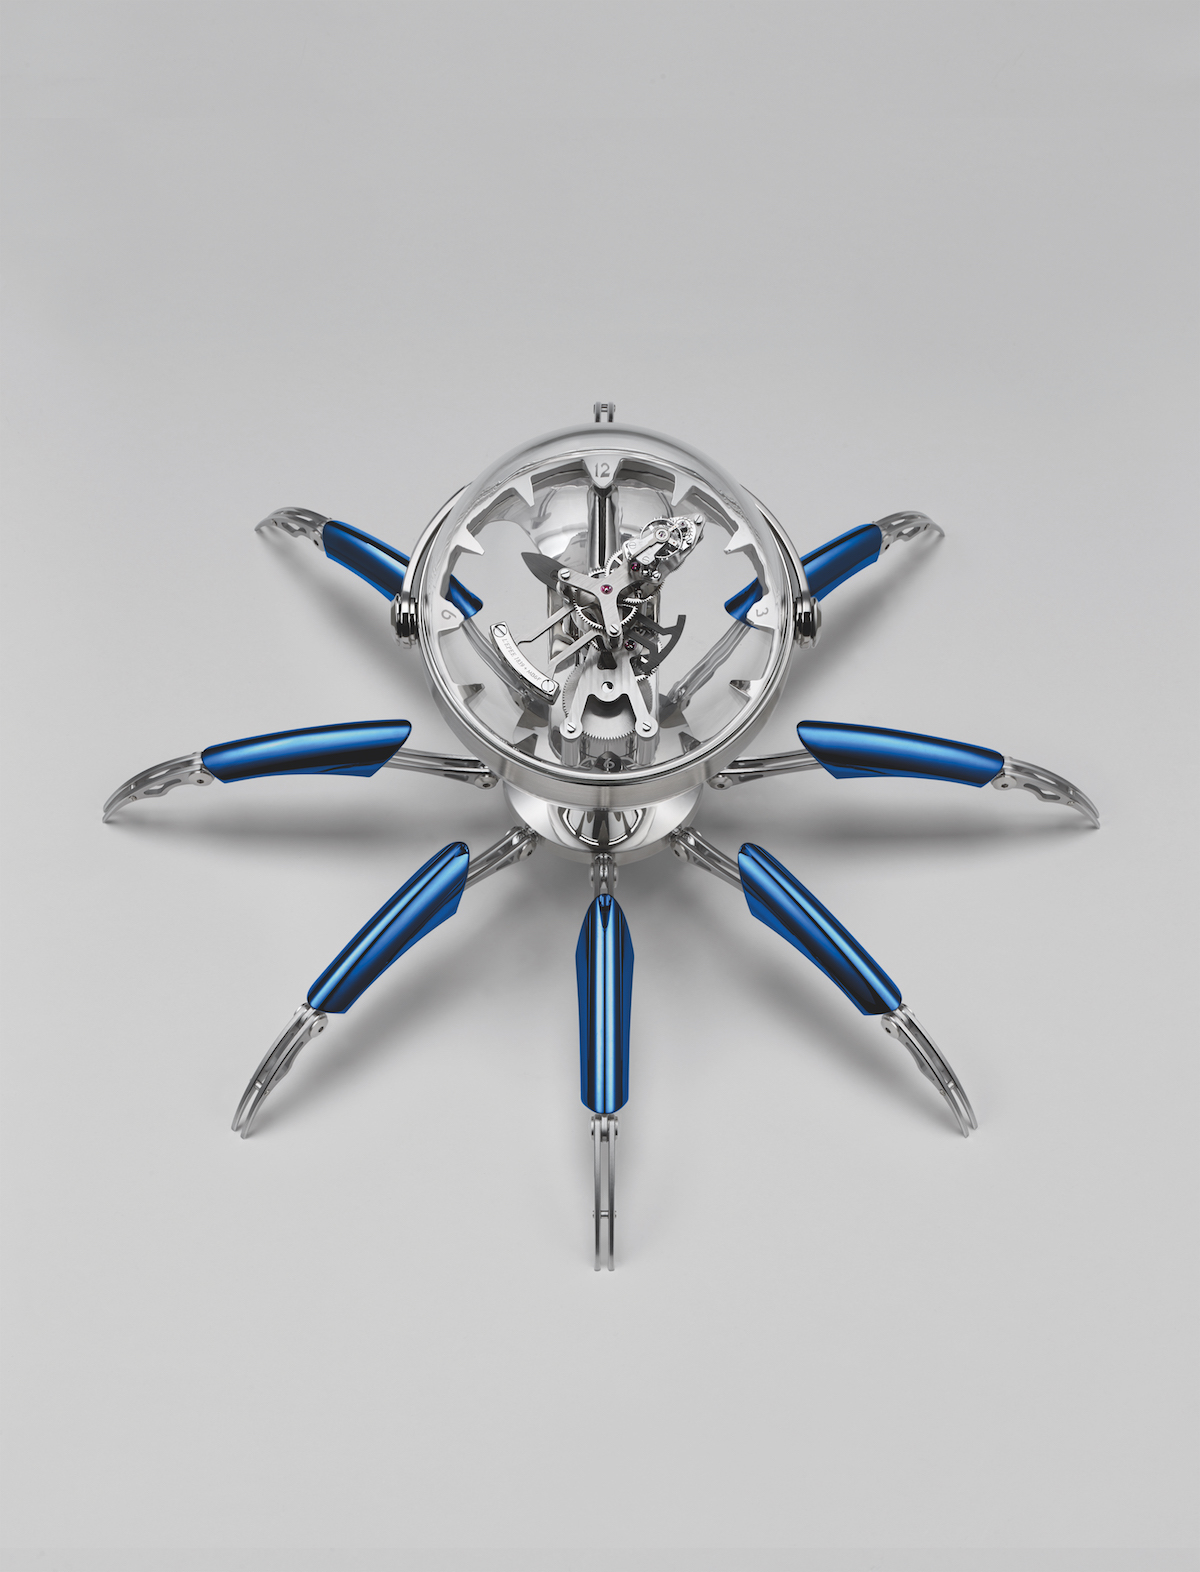 mb&f uhren uhrenhersteller schweiz uhrenmanufakturen uhrenmarken luxus luxusuhren limitiert limitierte sonderserien sondereditionen tourbillons